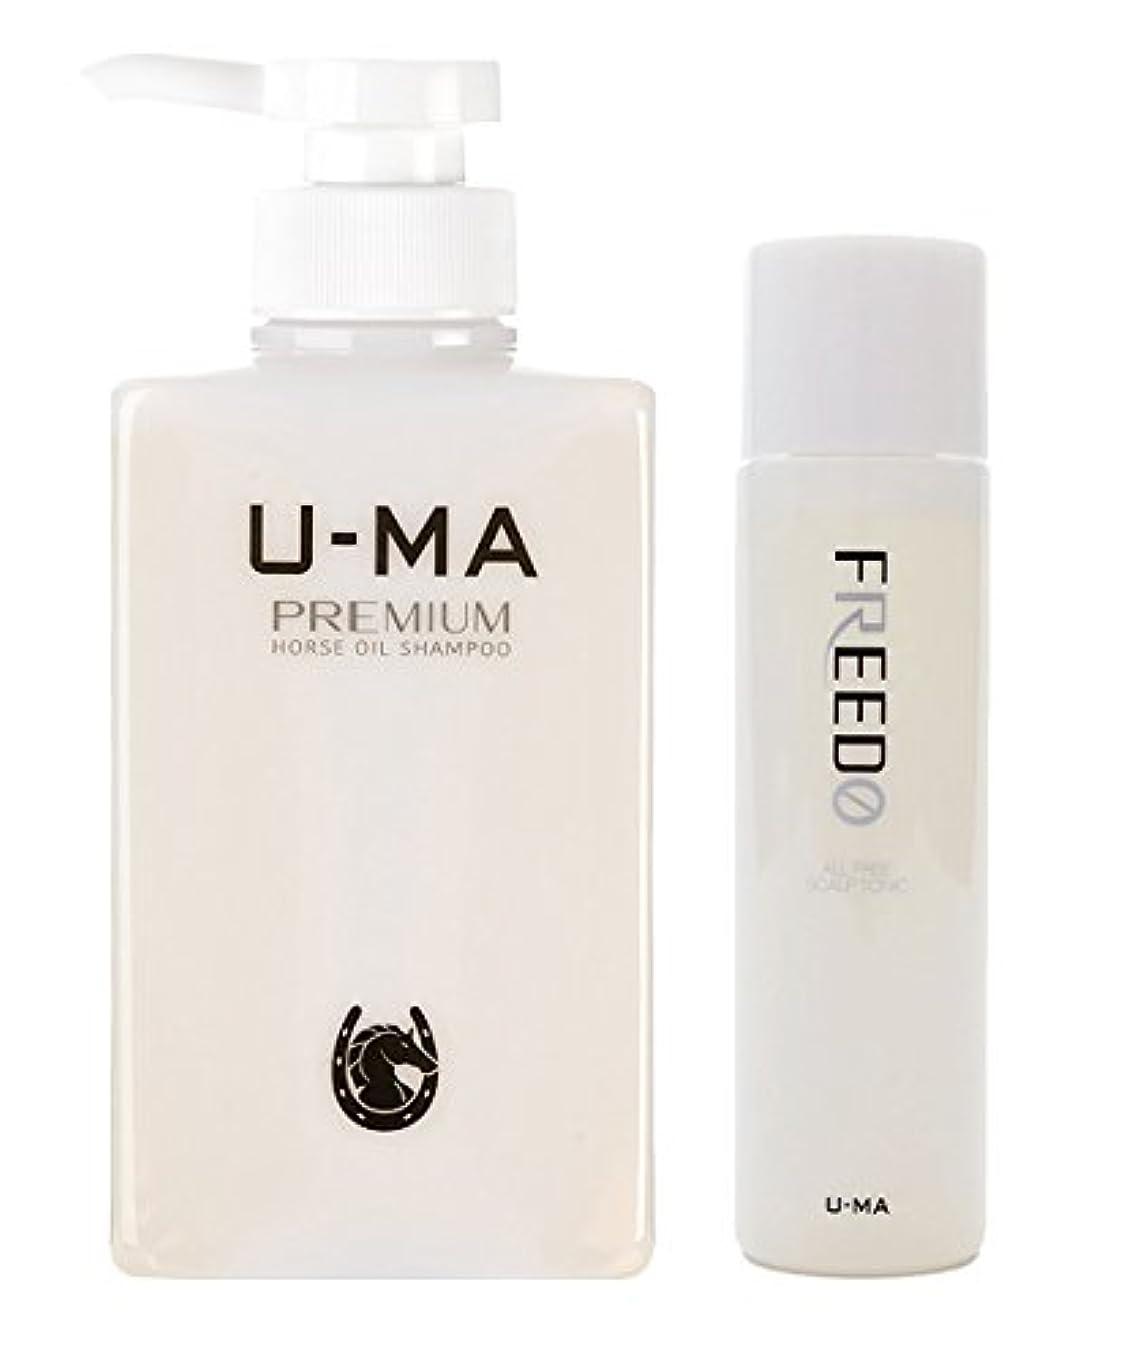 解放するビーチ印象U-MA ウーマシャンプープレミアム 300ml (約2ヶ月分) & 薬用 育毛剤 フリード 150ml (約2ヶ月分)